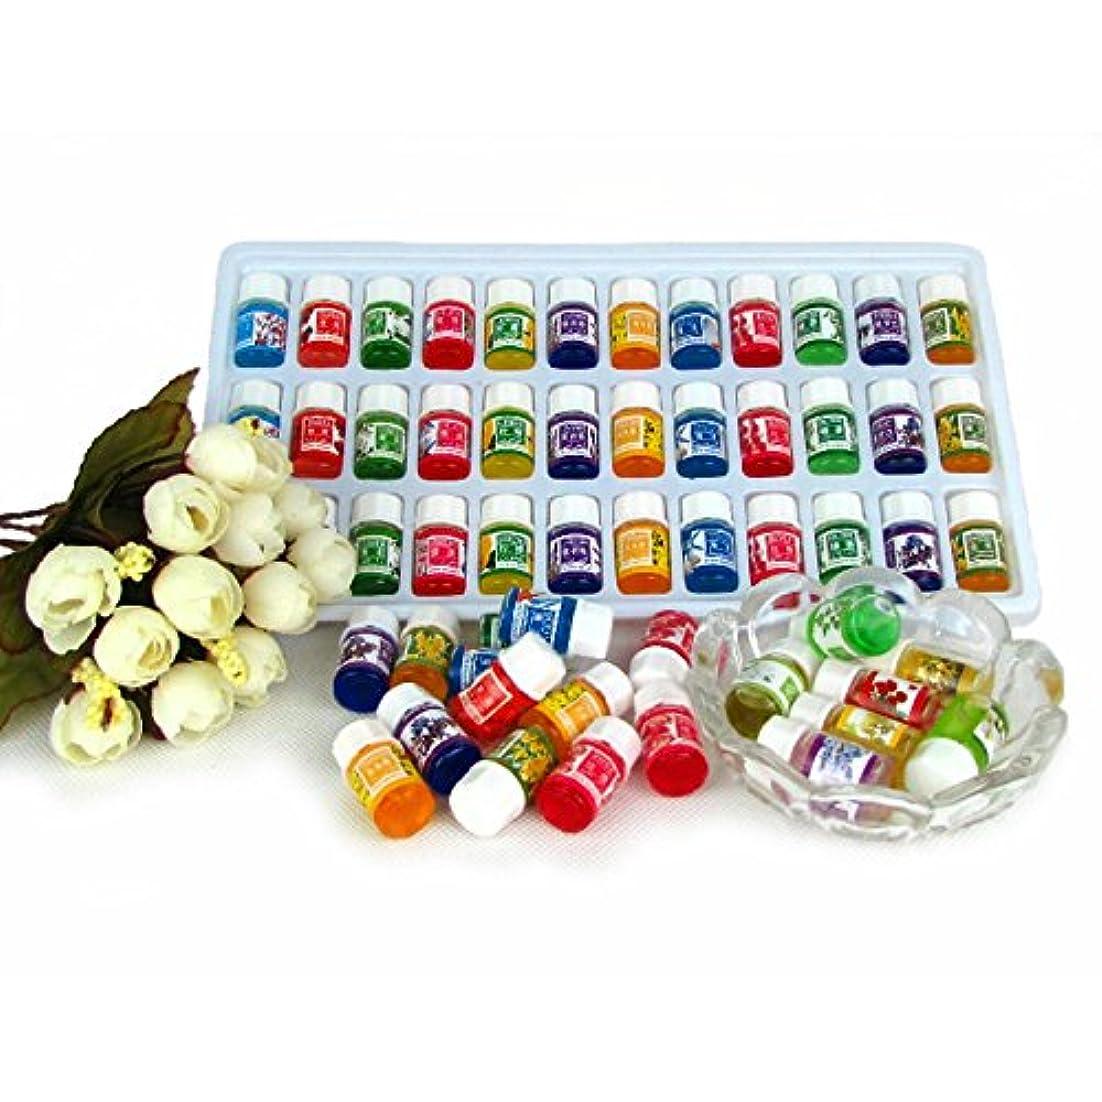 コントロールごめんなさいチャンバーHongch ピュアラベンダーエッセンシャルオイル 毎日パックセット ナチュラル36pcs / lot 水溶性 12種類の香り 毎日